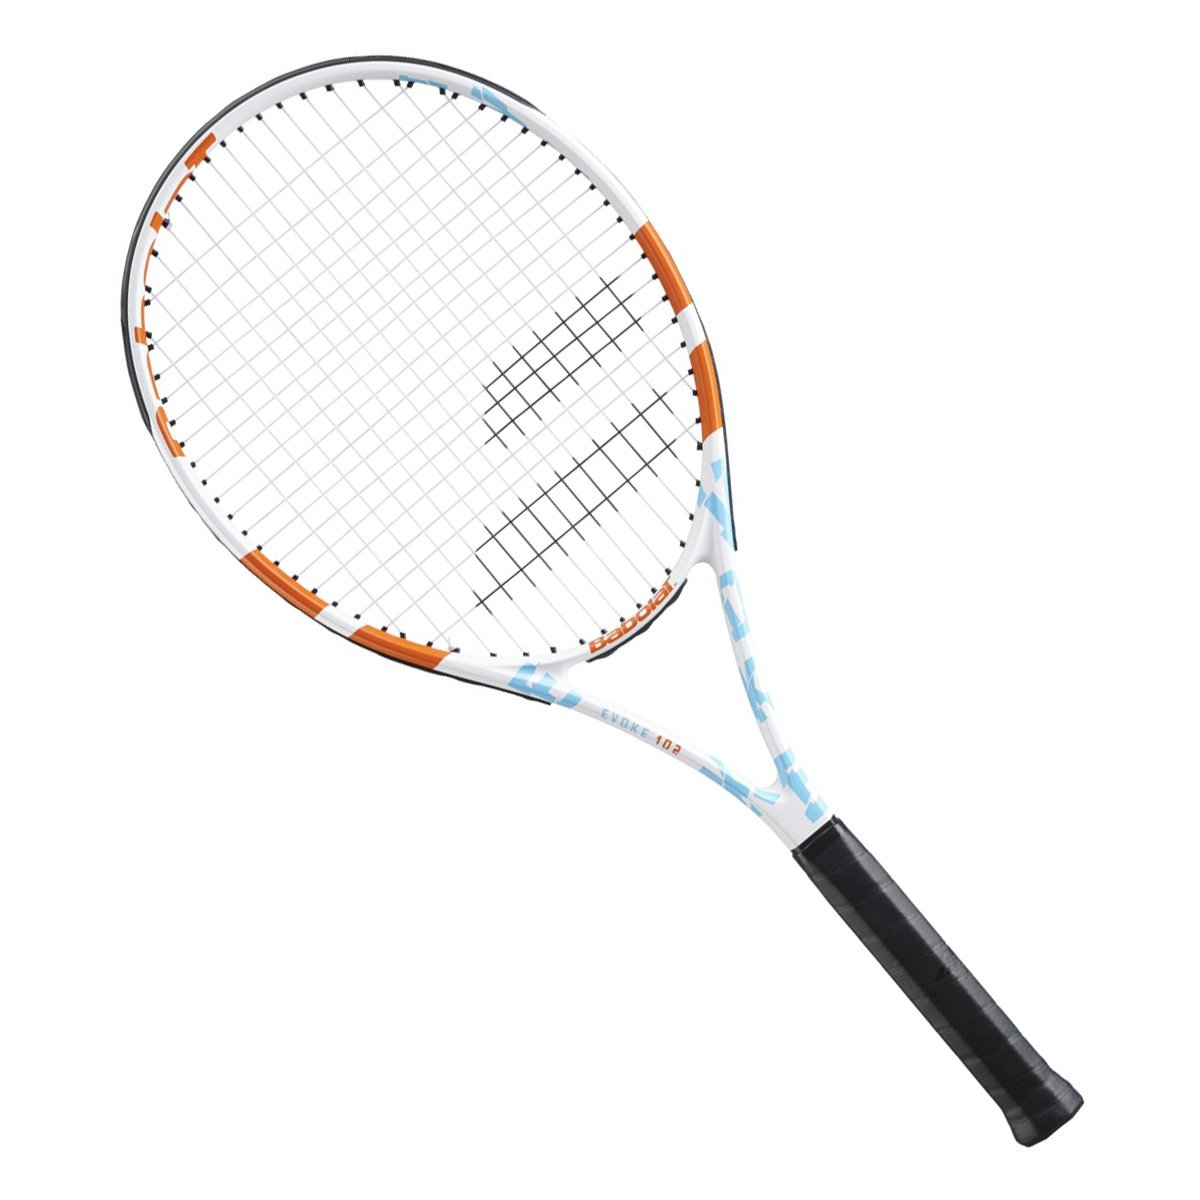 Raquete de Tênis Babolat Evoke 102 Women Branca e Vermelha